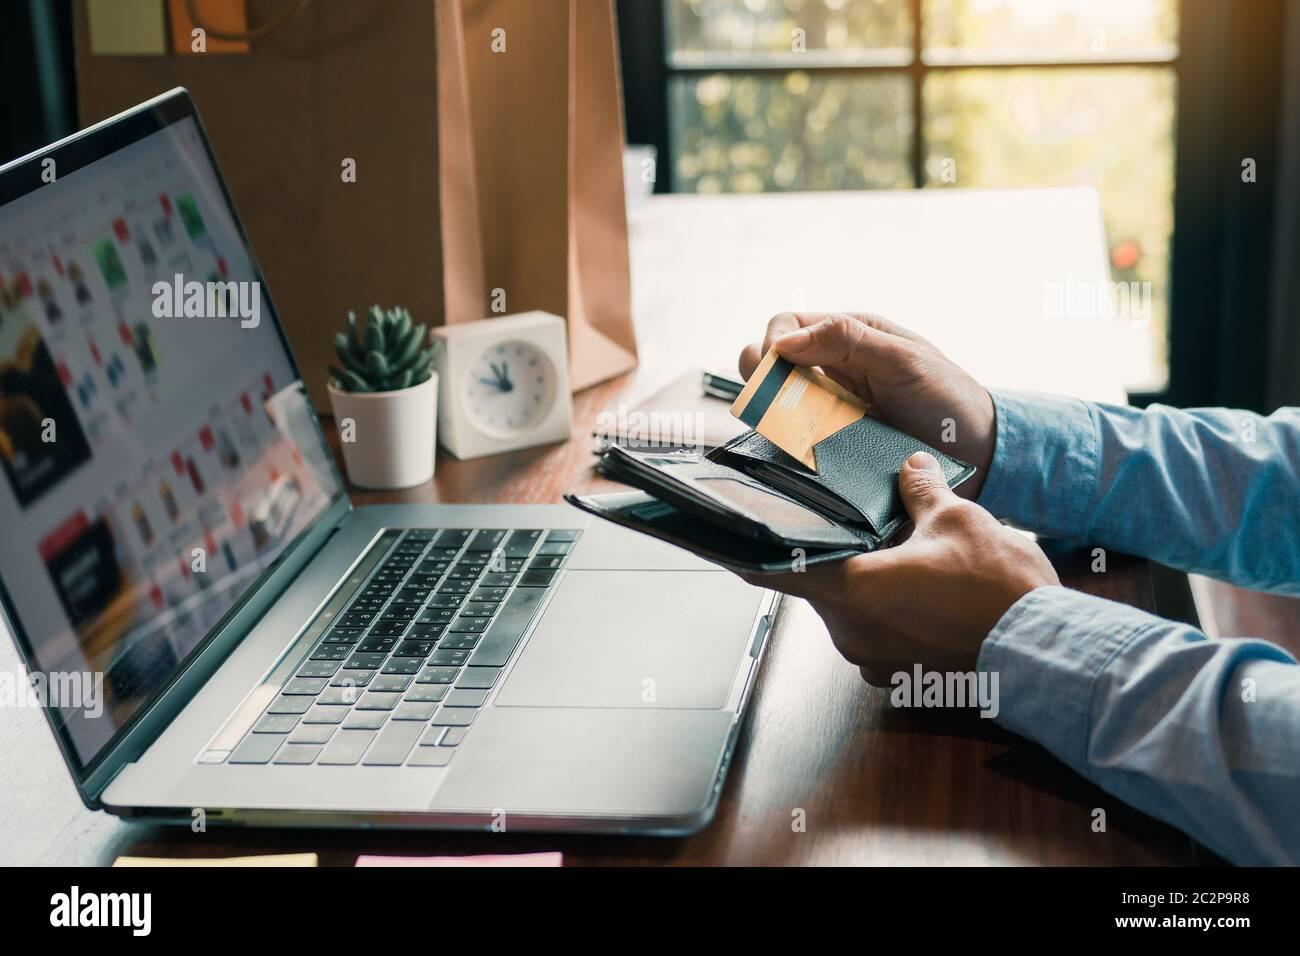 Mano de hombre asiático está sacando una tarjeta de crédito de su bolsillo para completar las compras en línea en el ordenador. Foto de stock